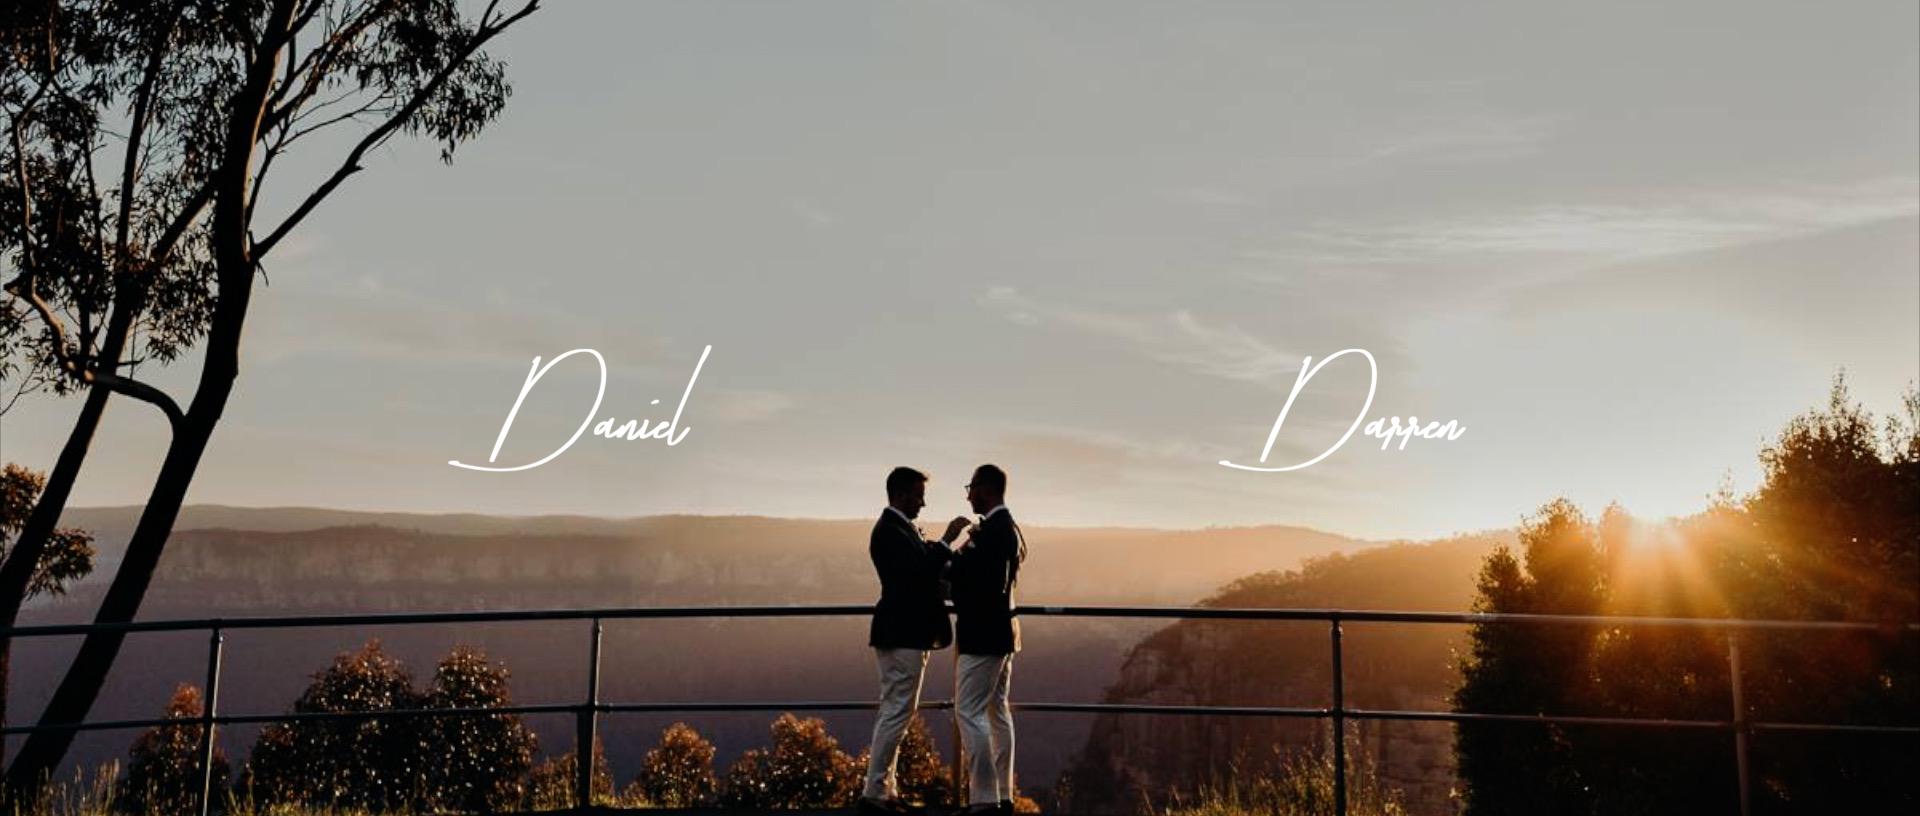 Darren + Daniel | Katoomba, Australia | lilianfels Resort & Spa